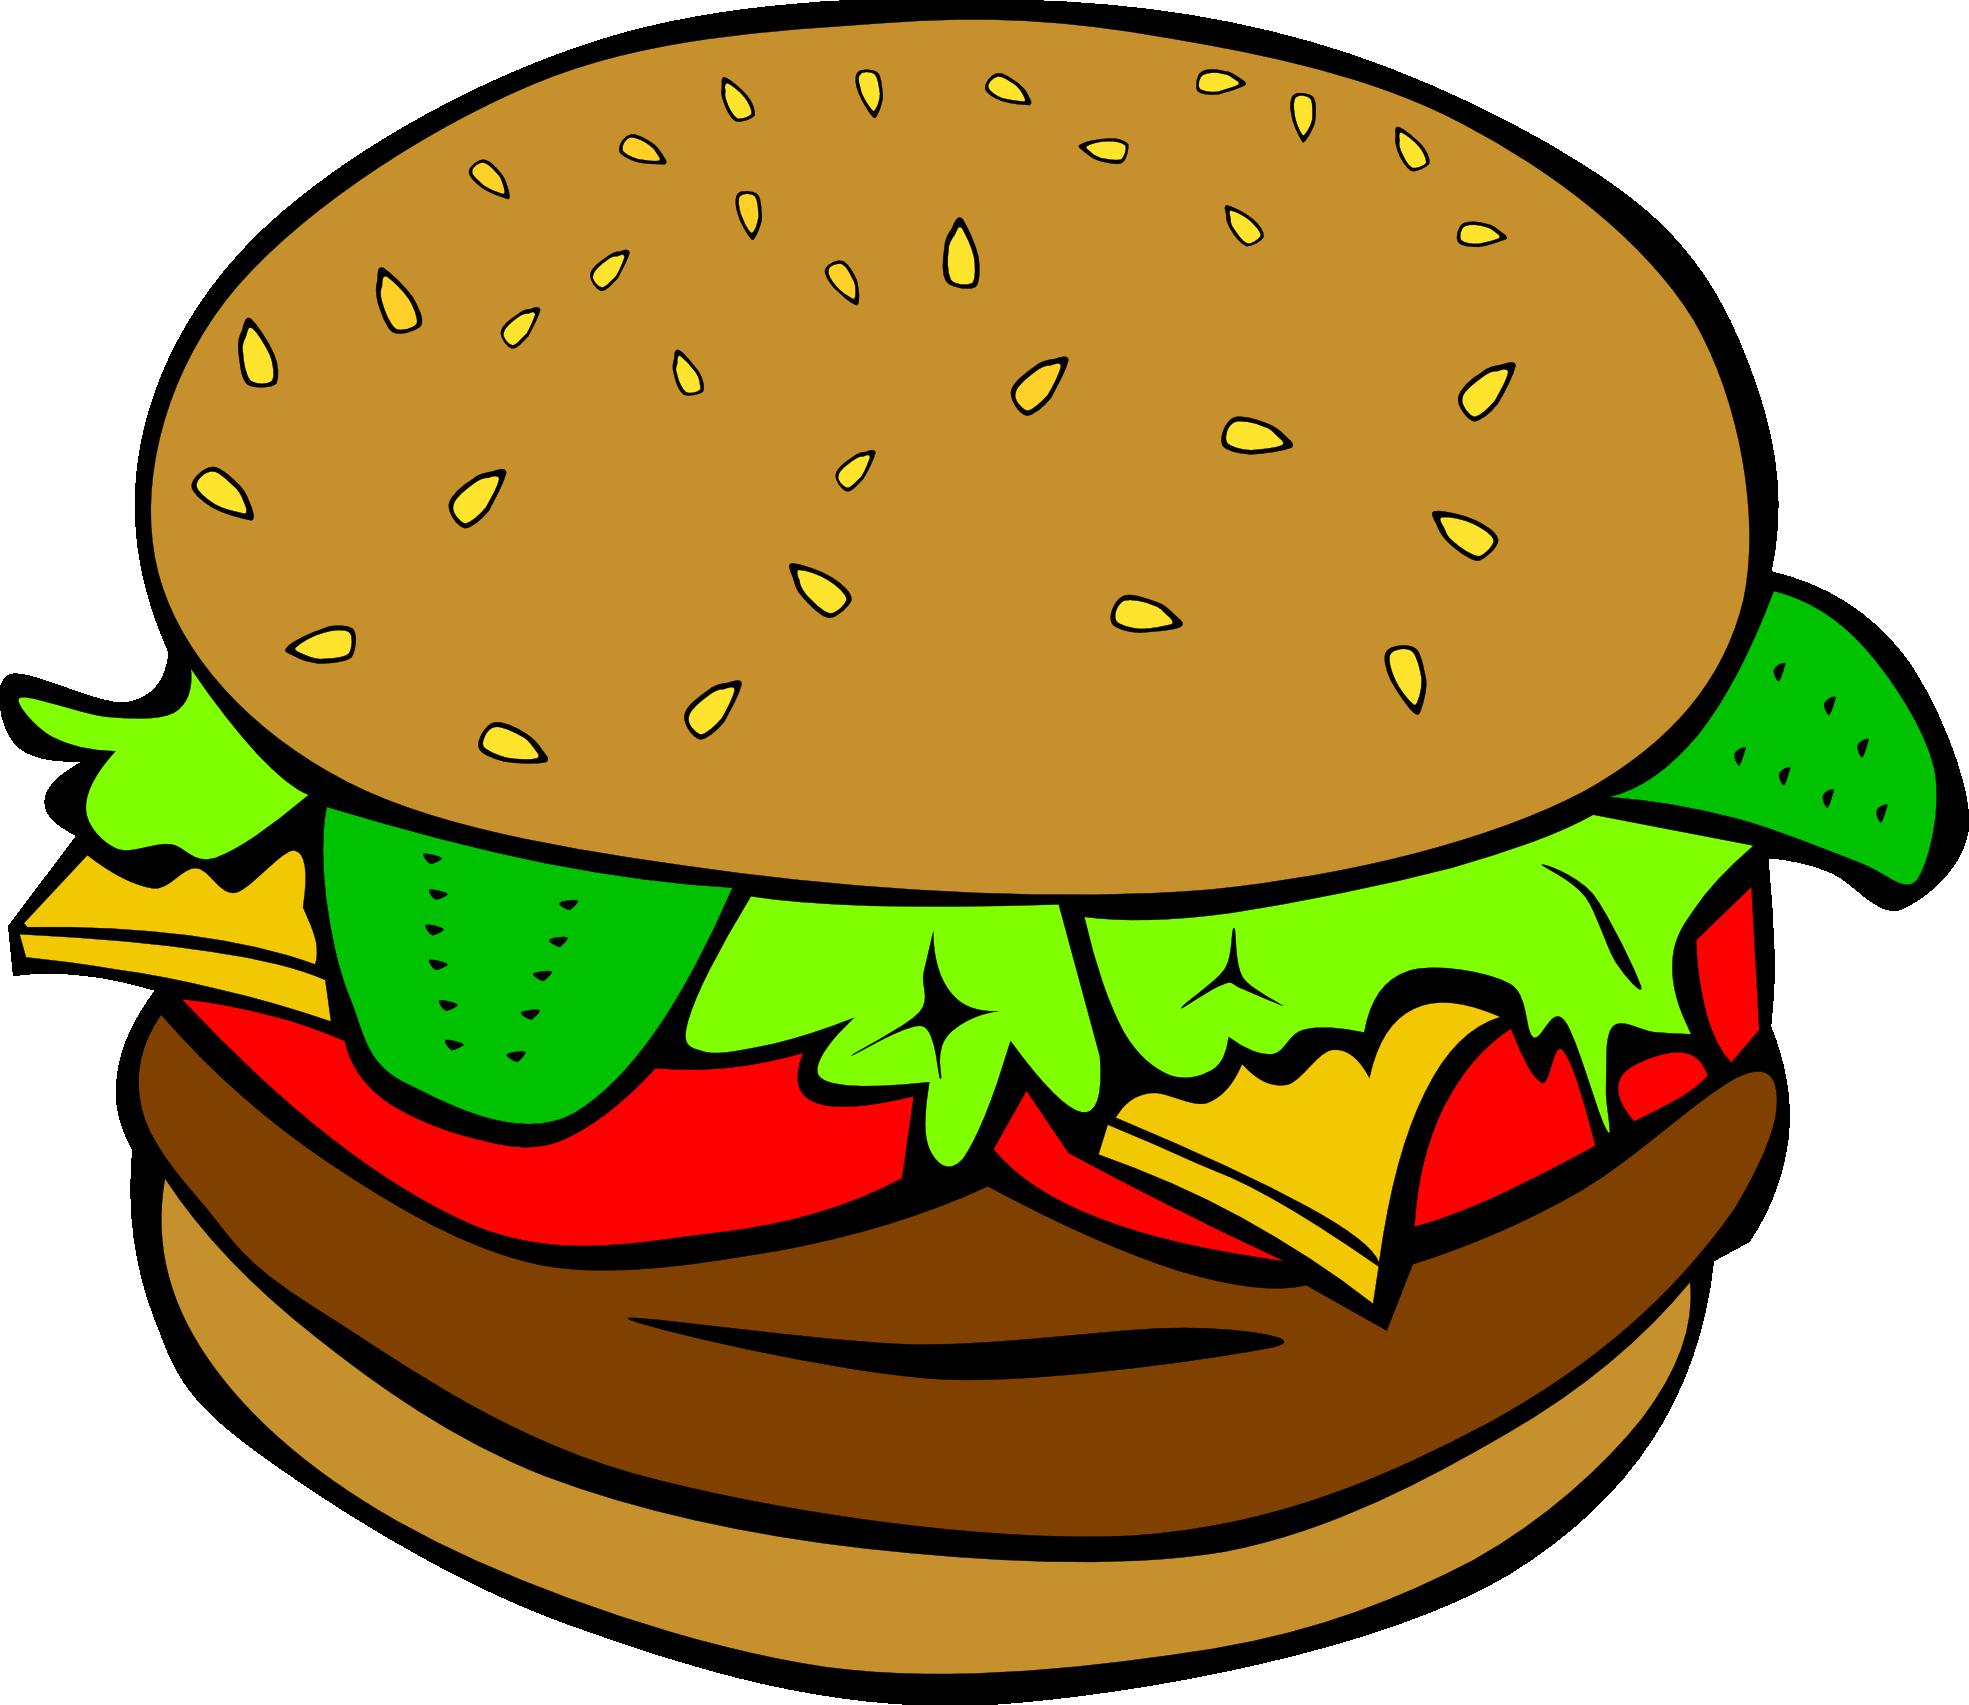 Food cliparts-Food cliparts-0